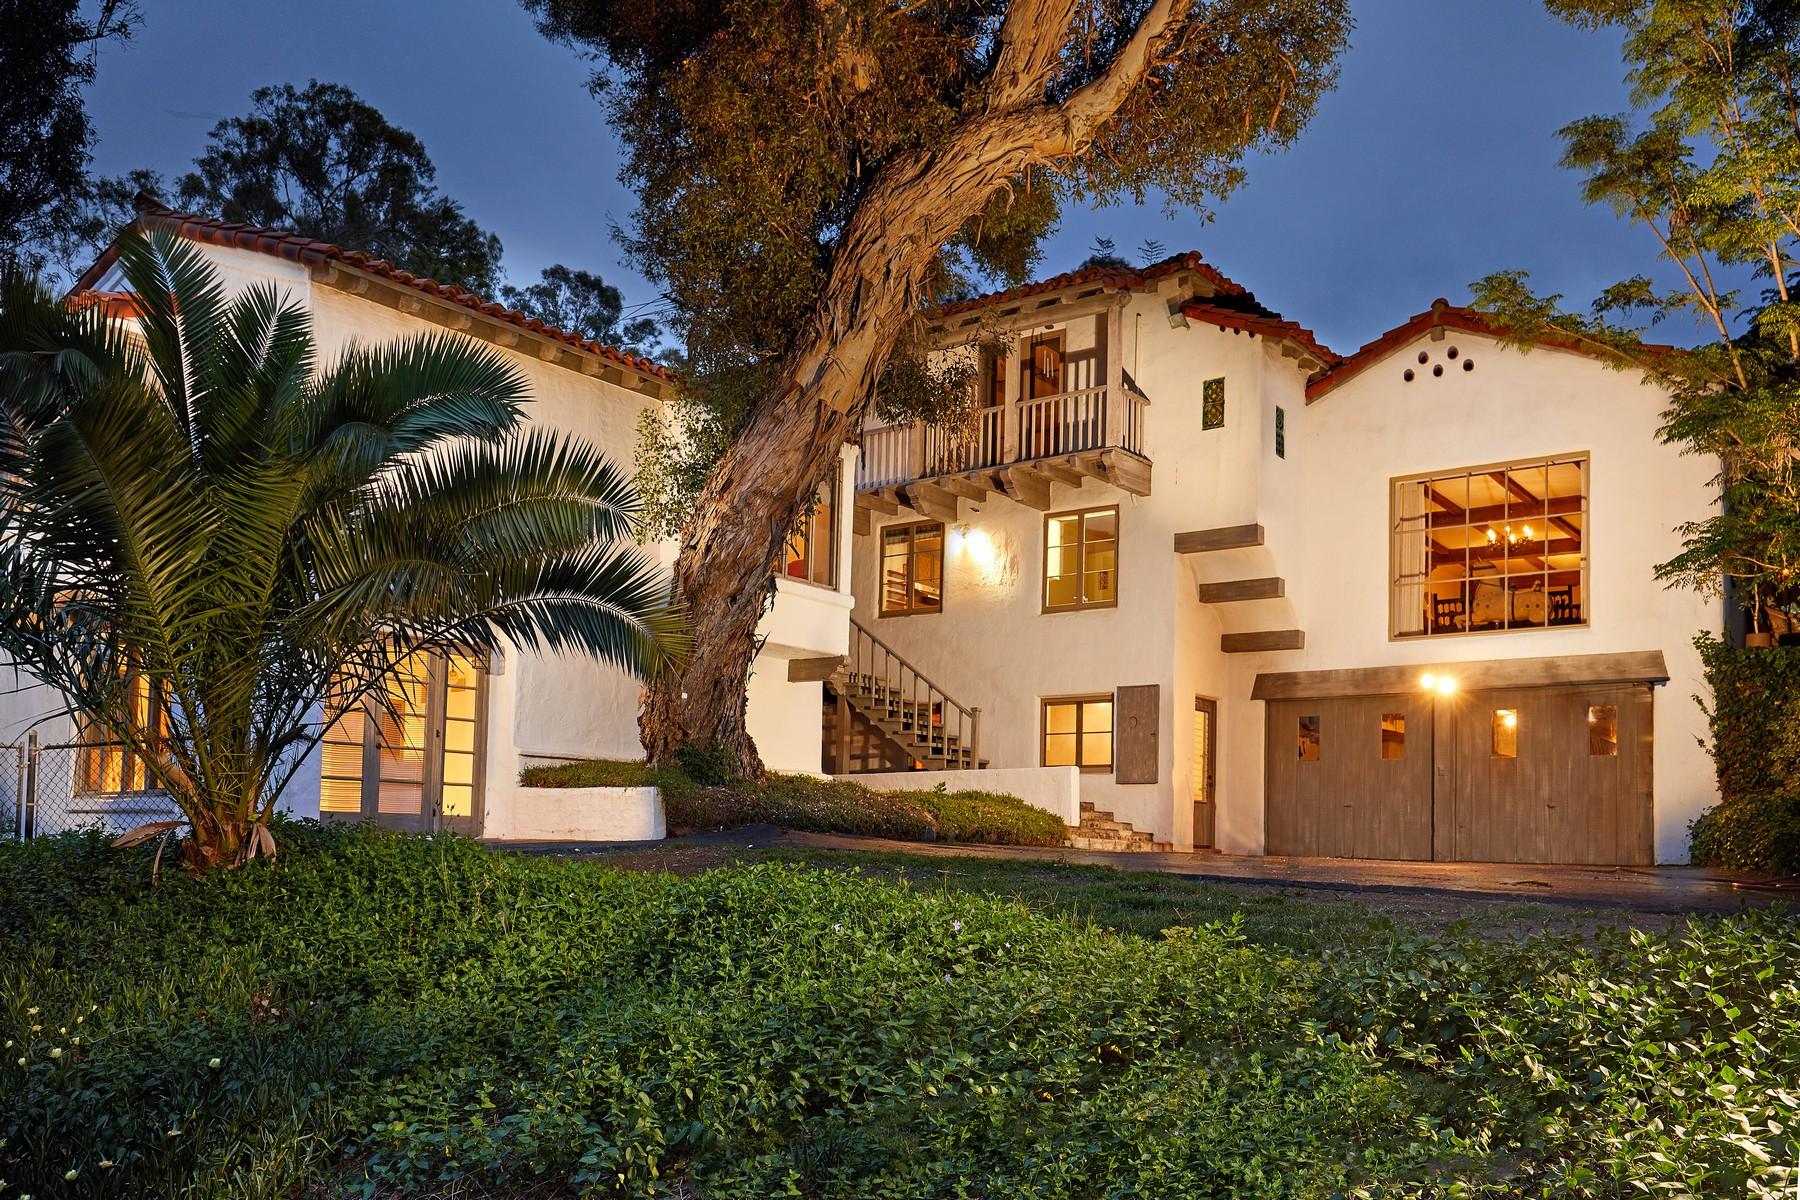 Casa Unifamiliar por un Venta en 5860 Lago Lindo Rancho Santa Fe, California, 92067 Estados Unidos